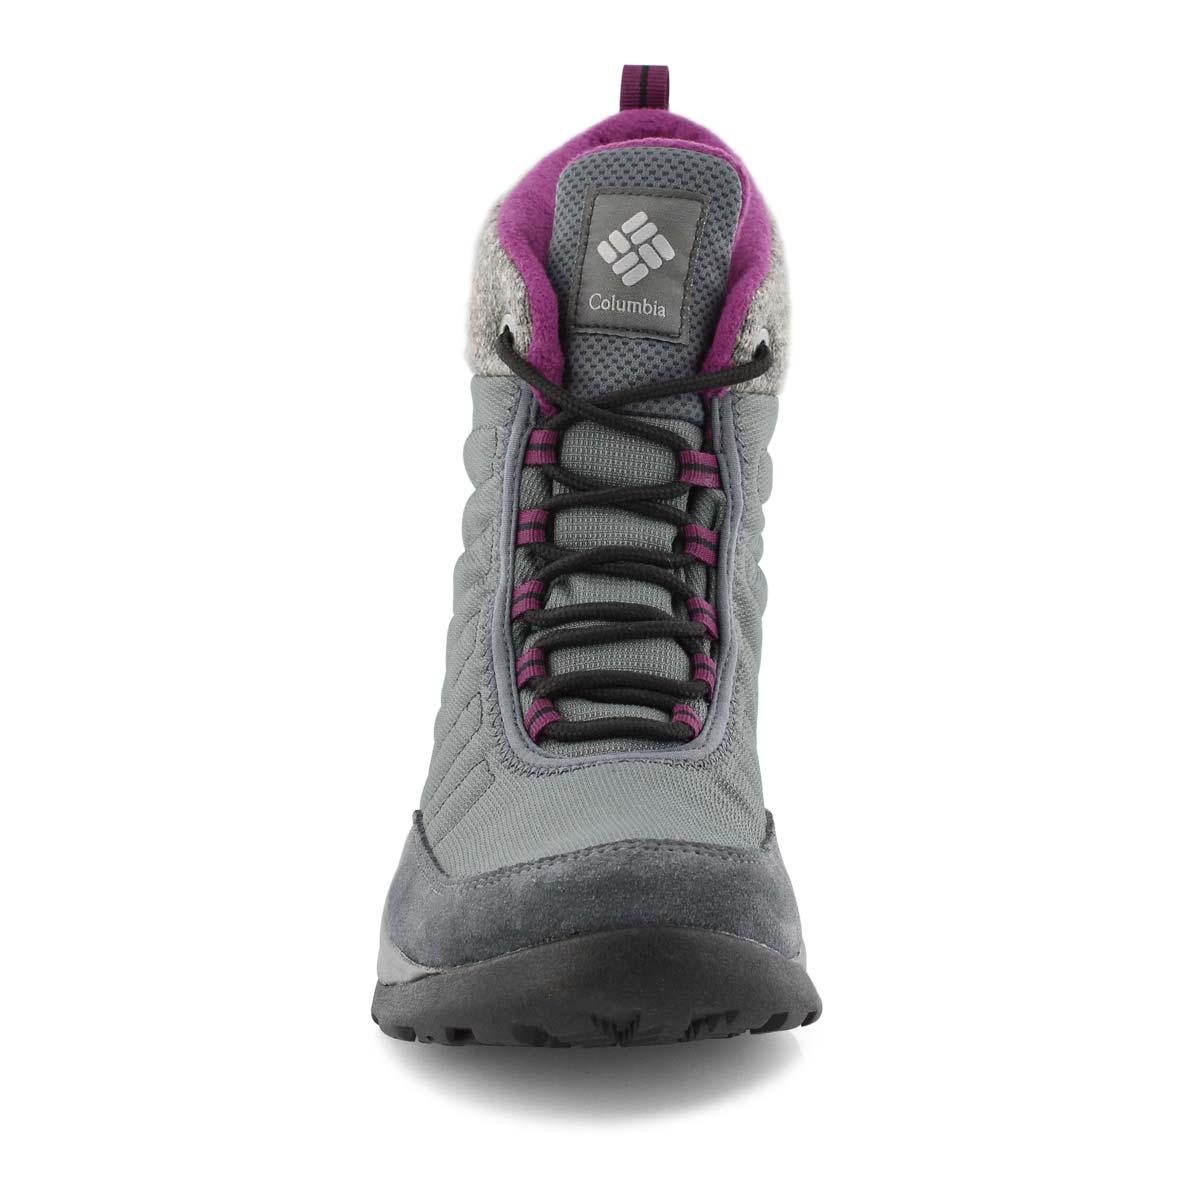 Lds Nikiski graphite wtpf winter boot